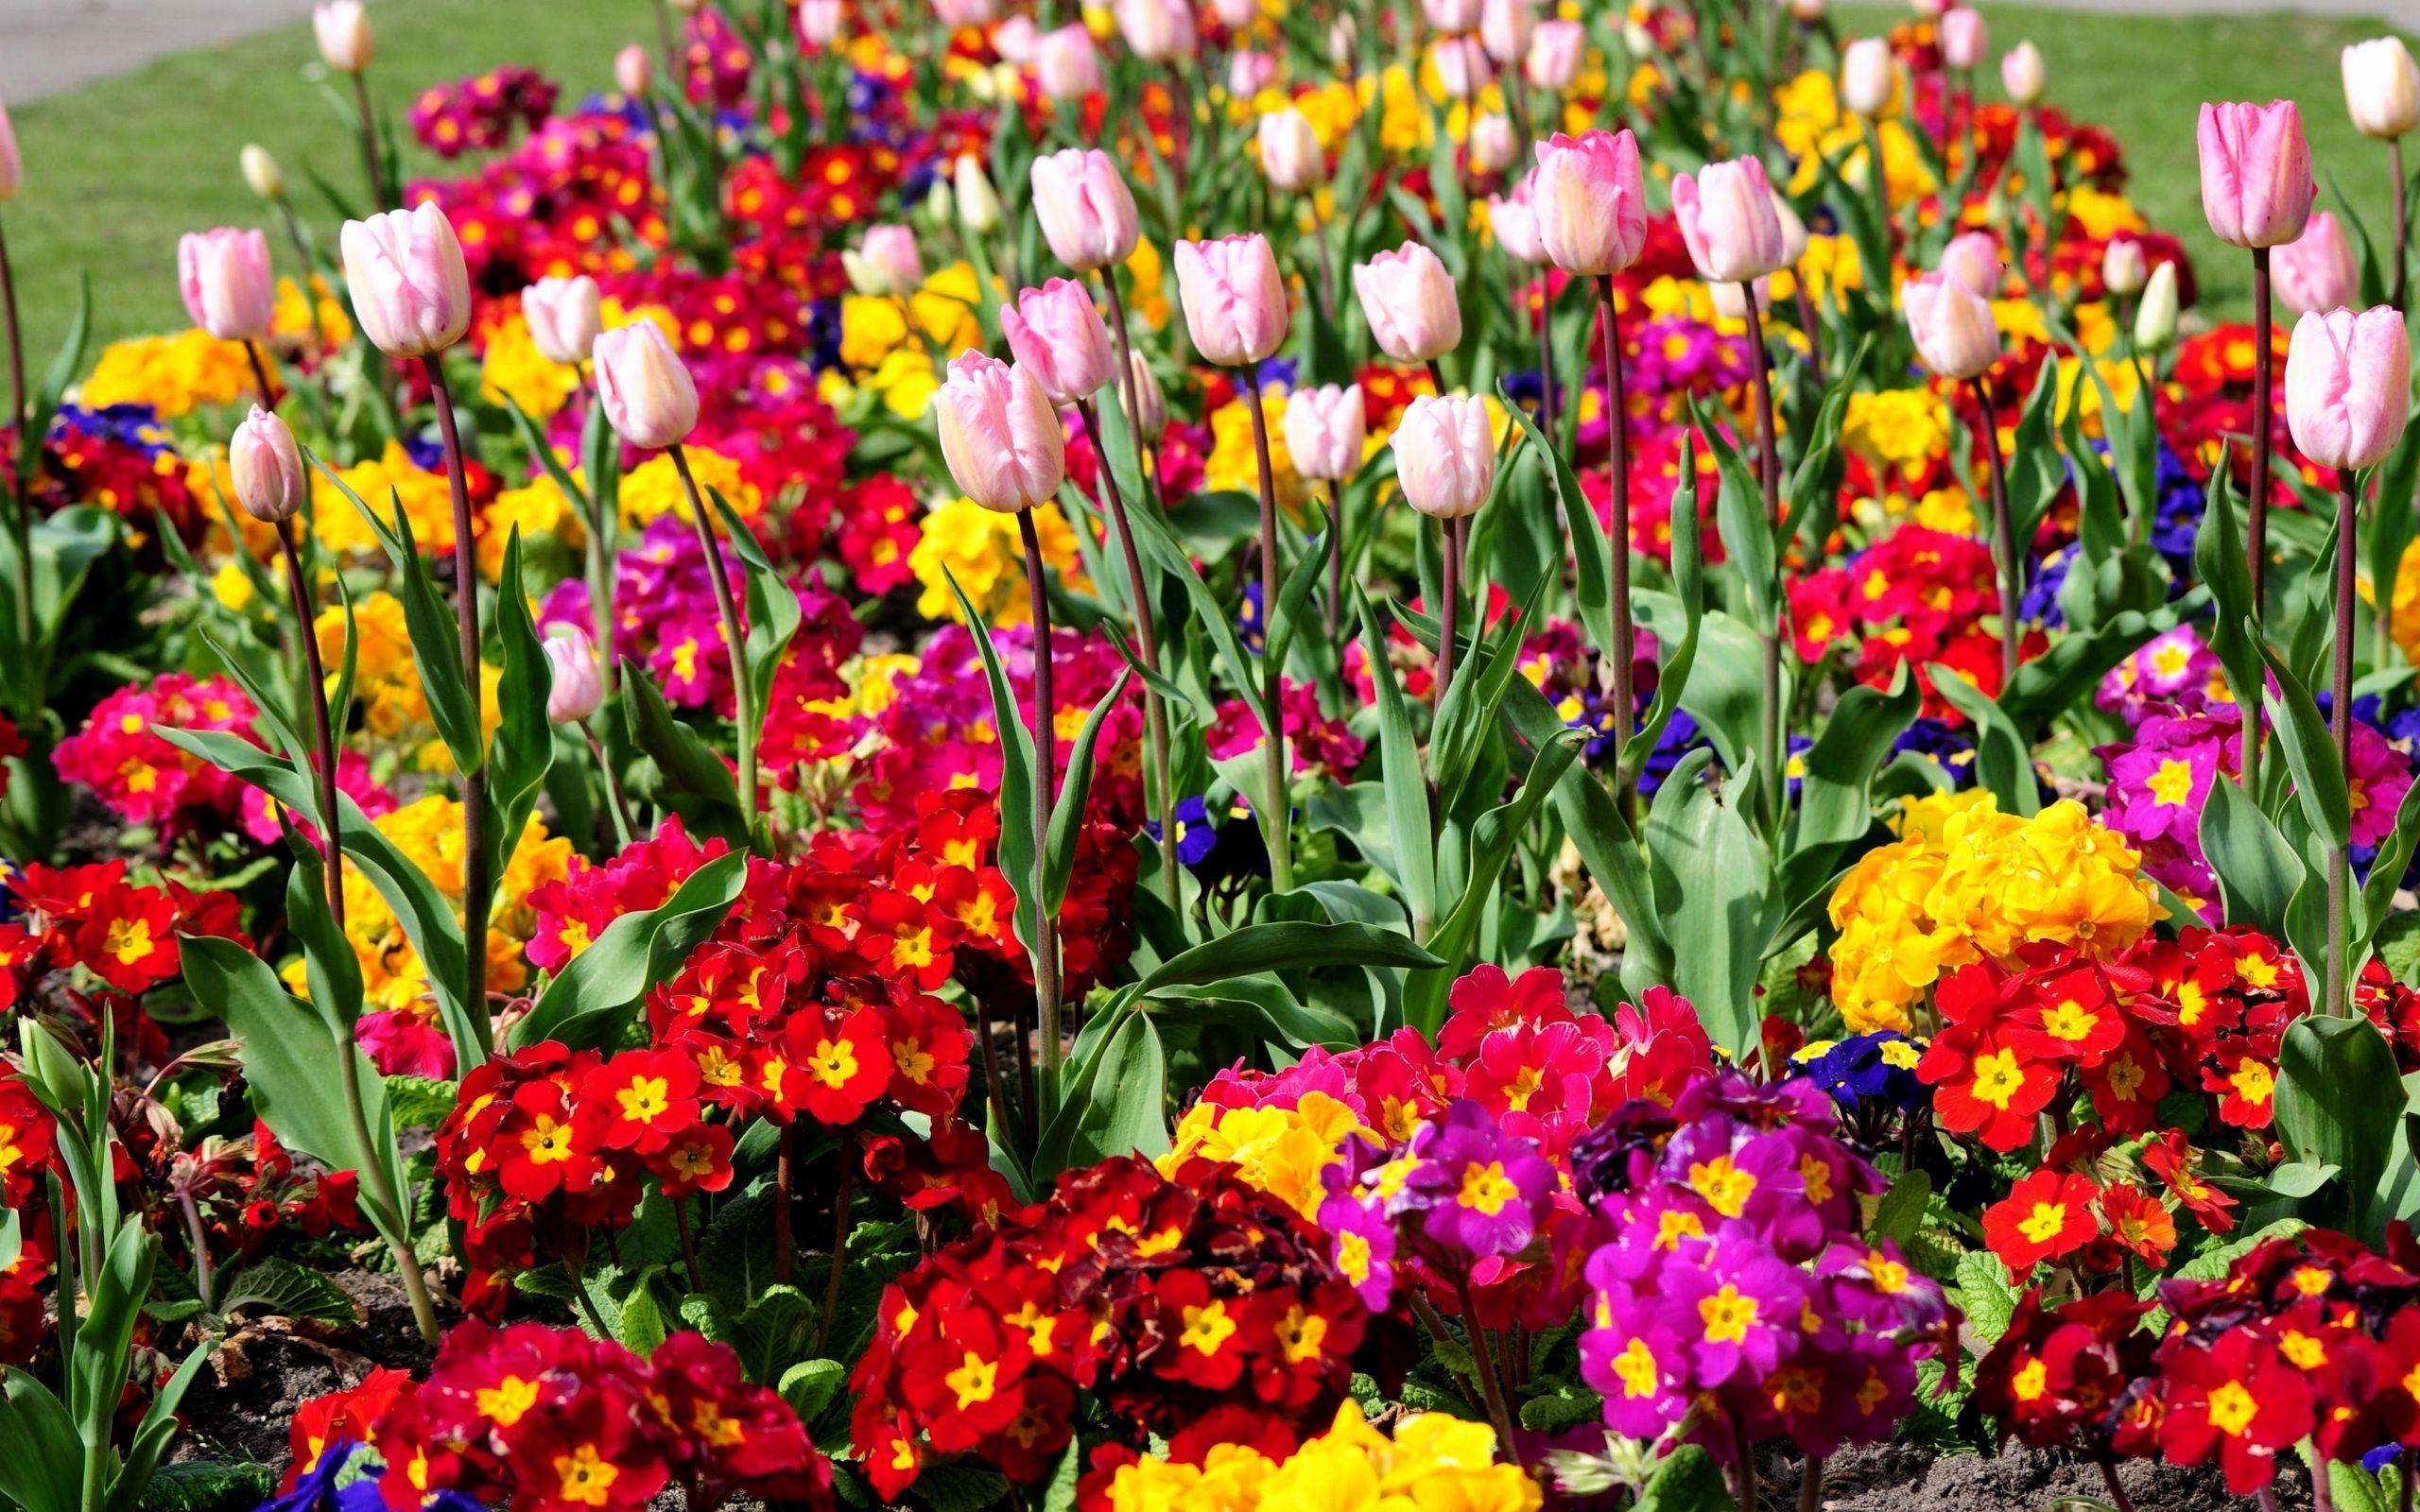 Flower garden wallpaper 20133 2560x1600